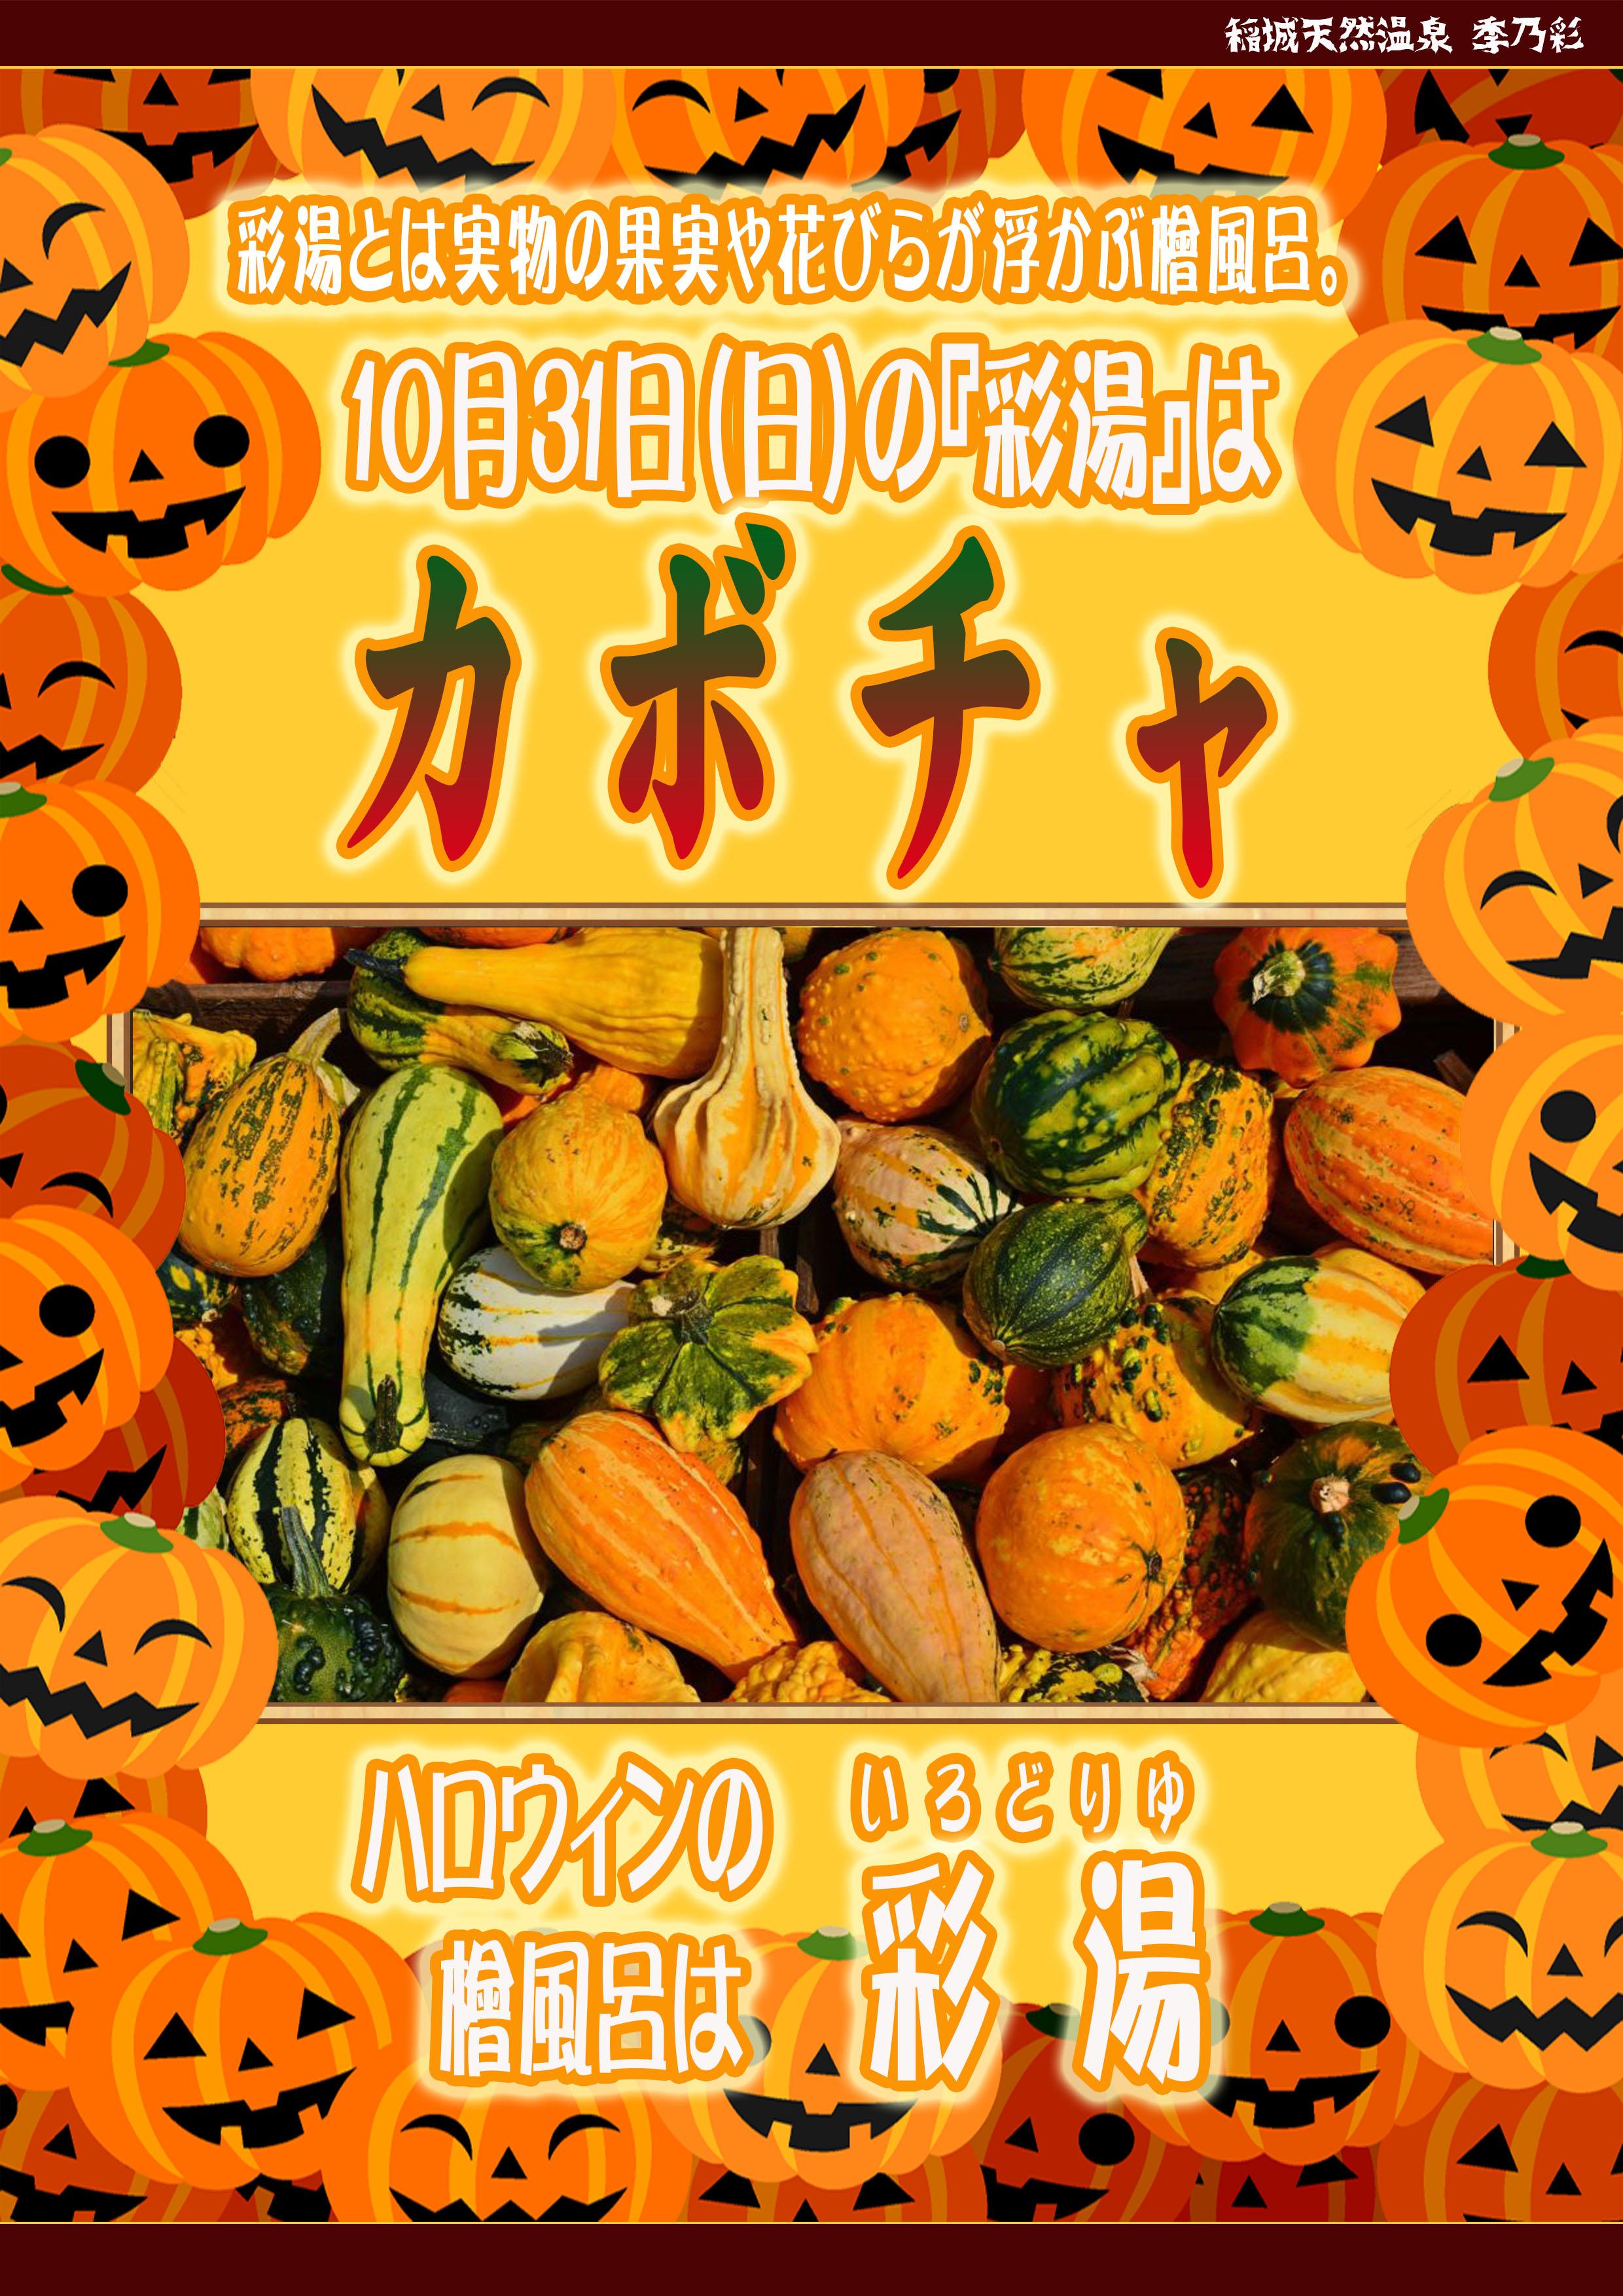 POP イベント 彩湯 カボチャ